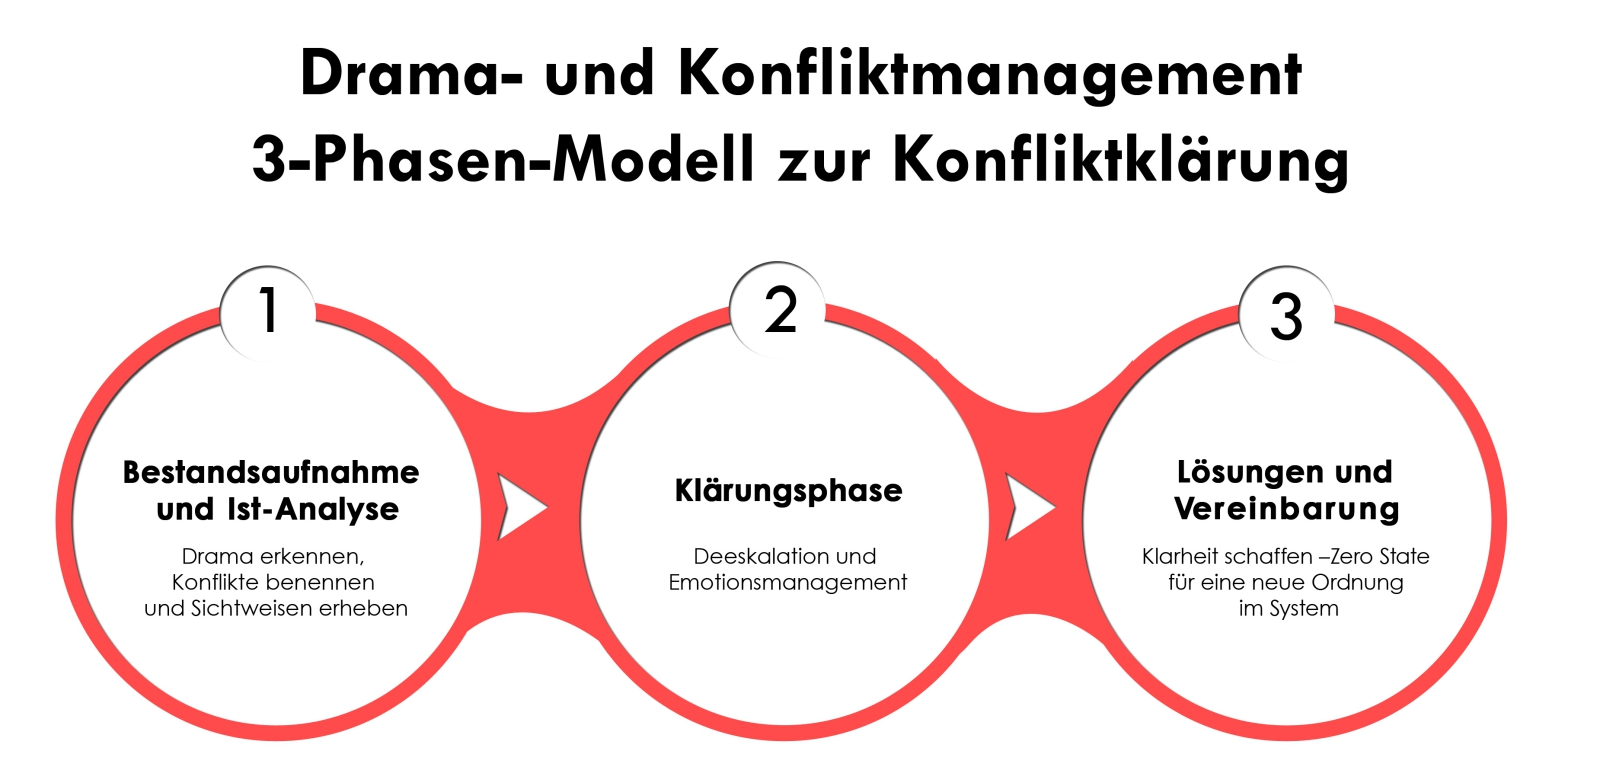 Drama-Konflikt-Management-Nicola-Gragert